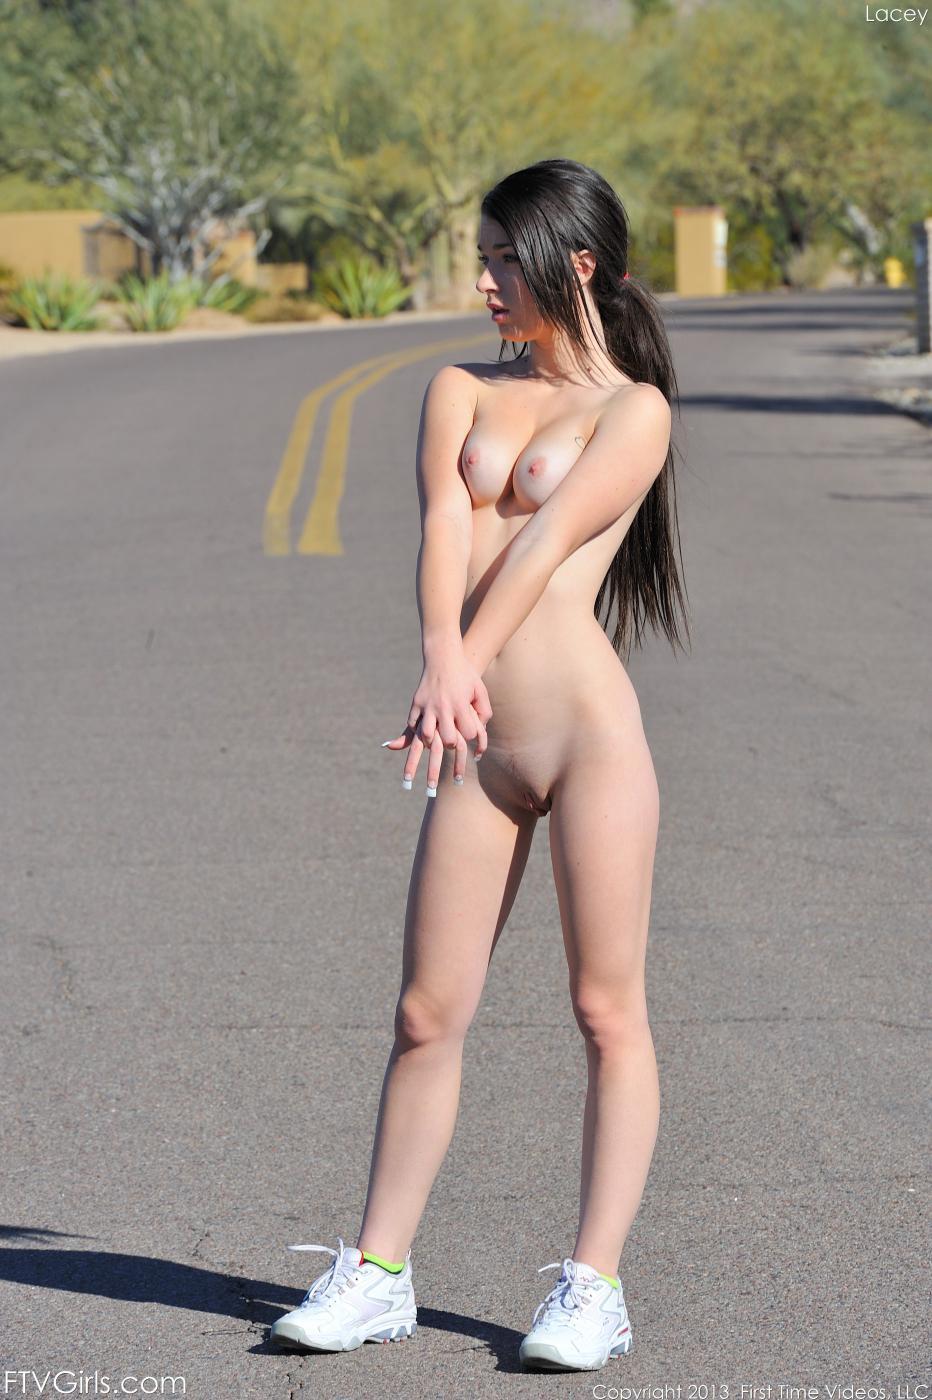 Манящая молоденькая брюнетка Lacy Channing показывает свое прекрасное голое тело на улице